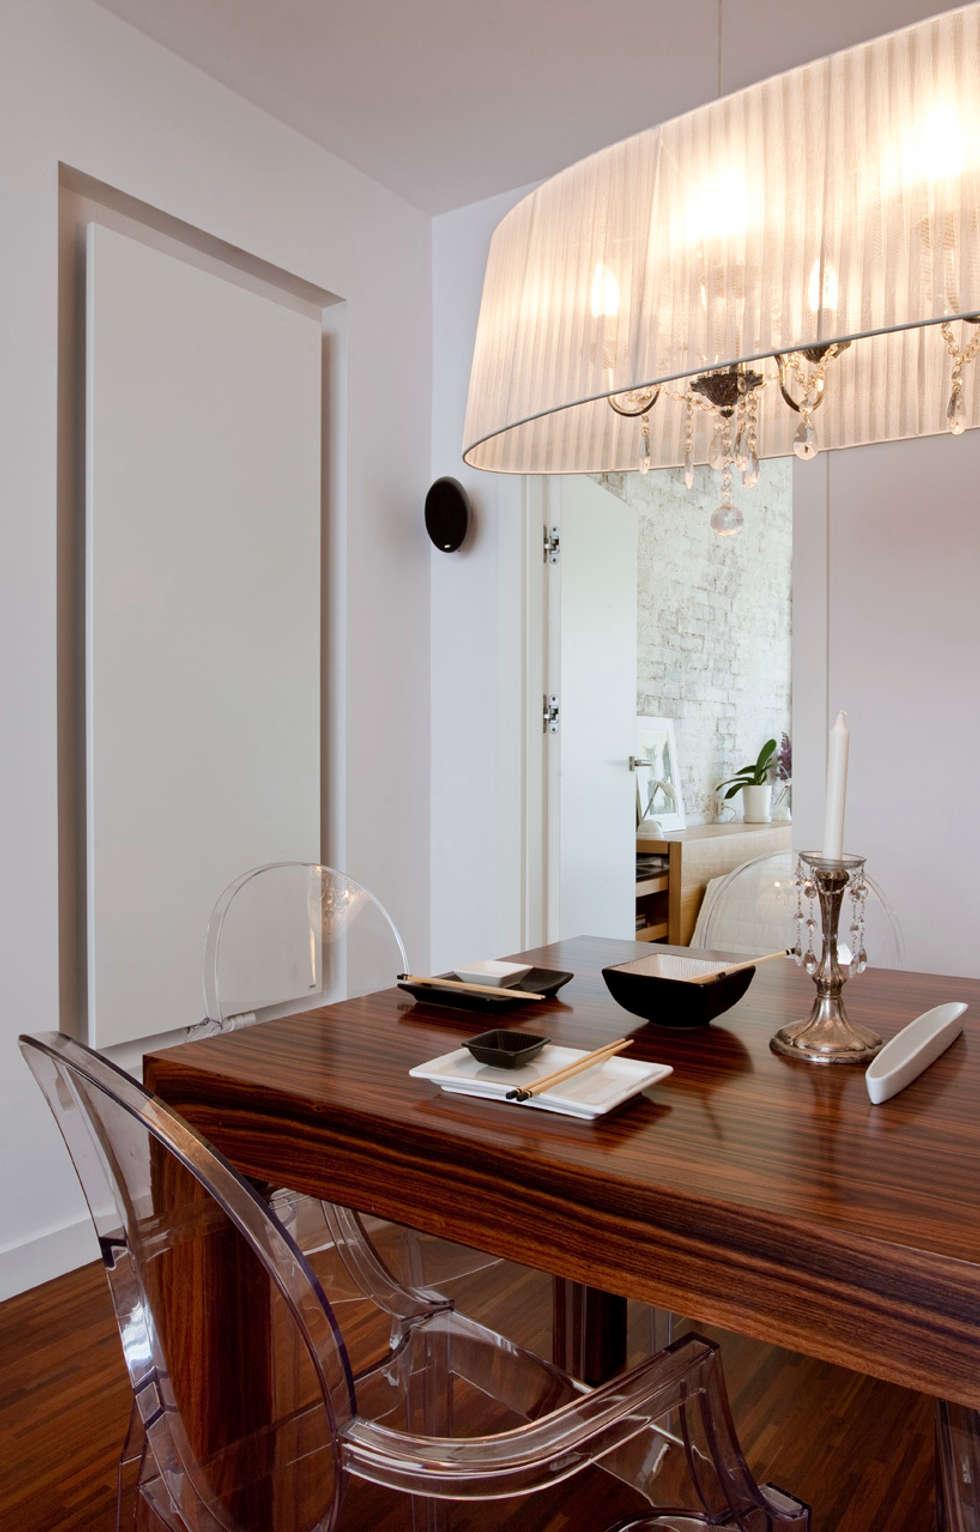 Nowoczesna jadalnia z elementami stylizowanymi: styl , w kategorii Jadalnia zaprojektowany przez living box